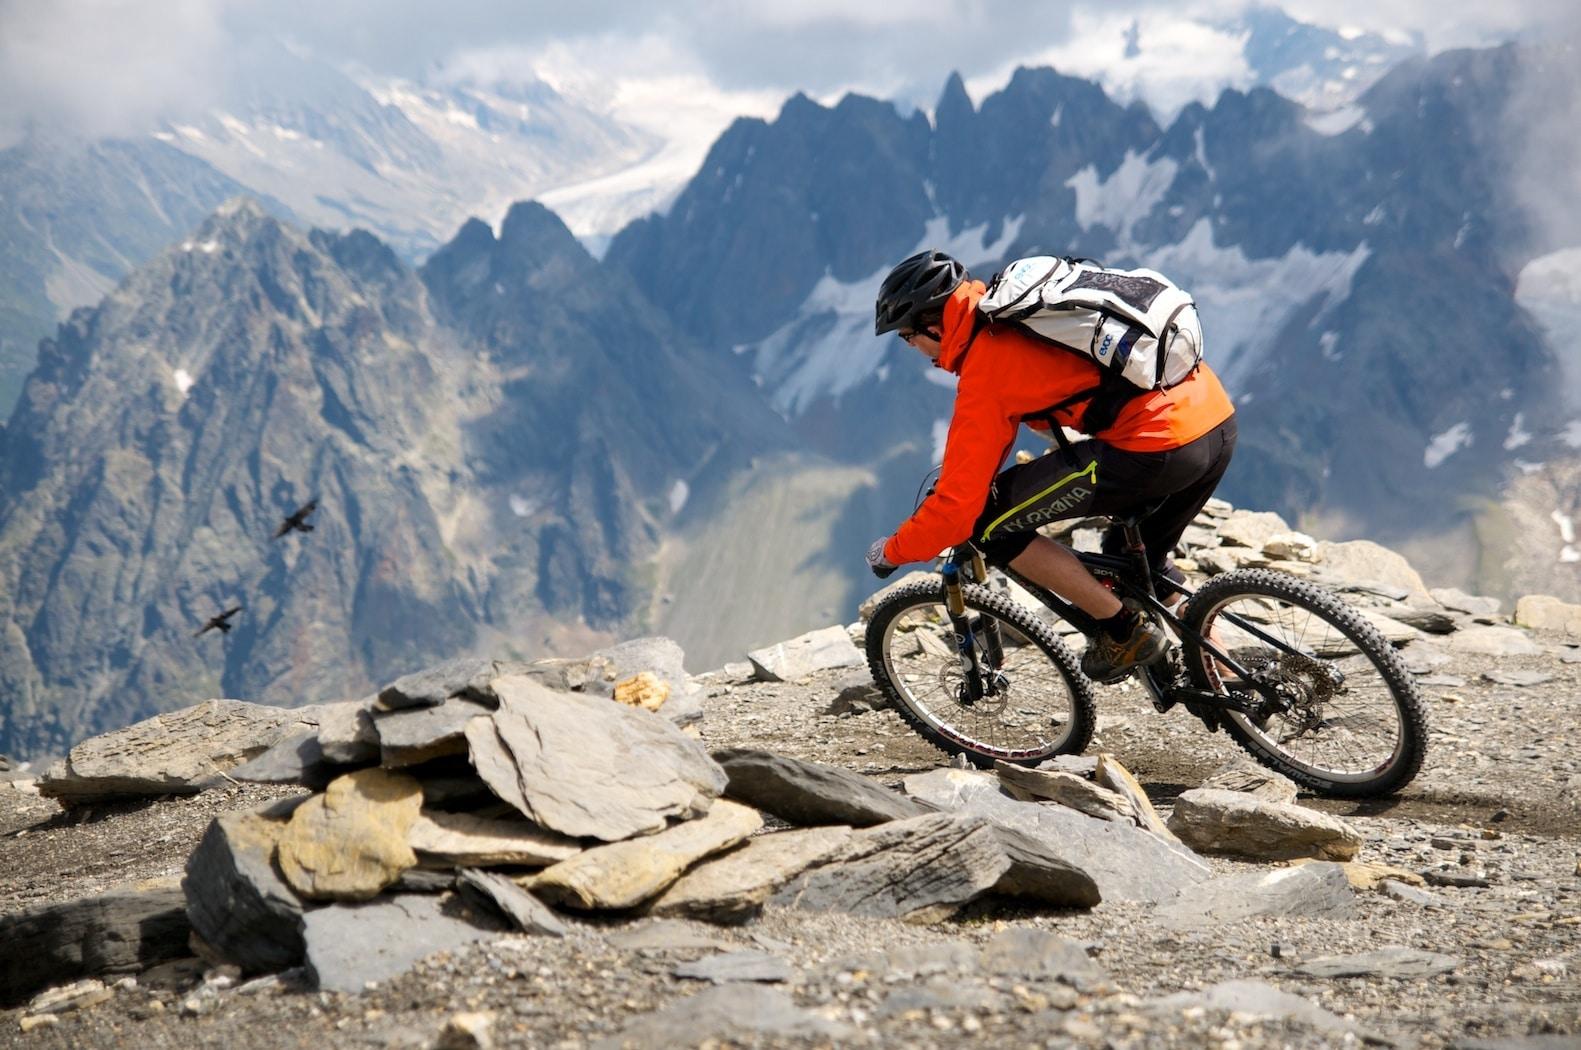 Mountainbiken ist der Mittelpunkt meines Sportler-Lebens